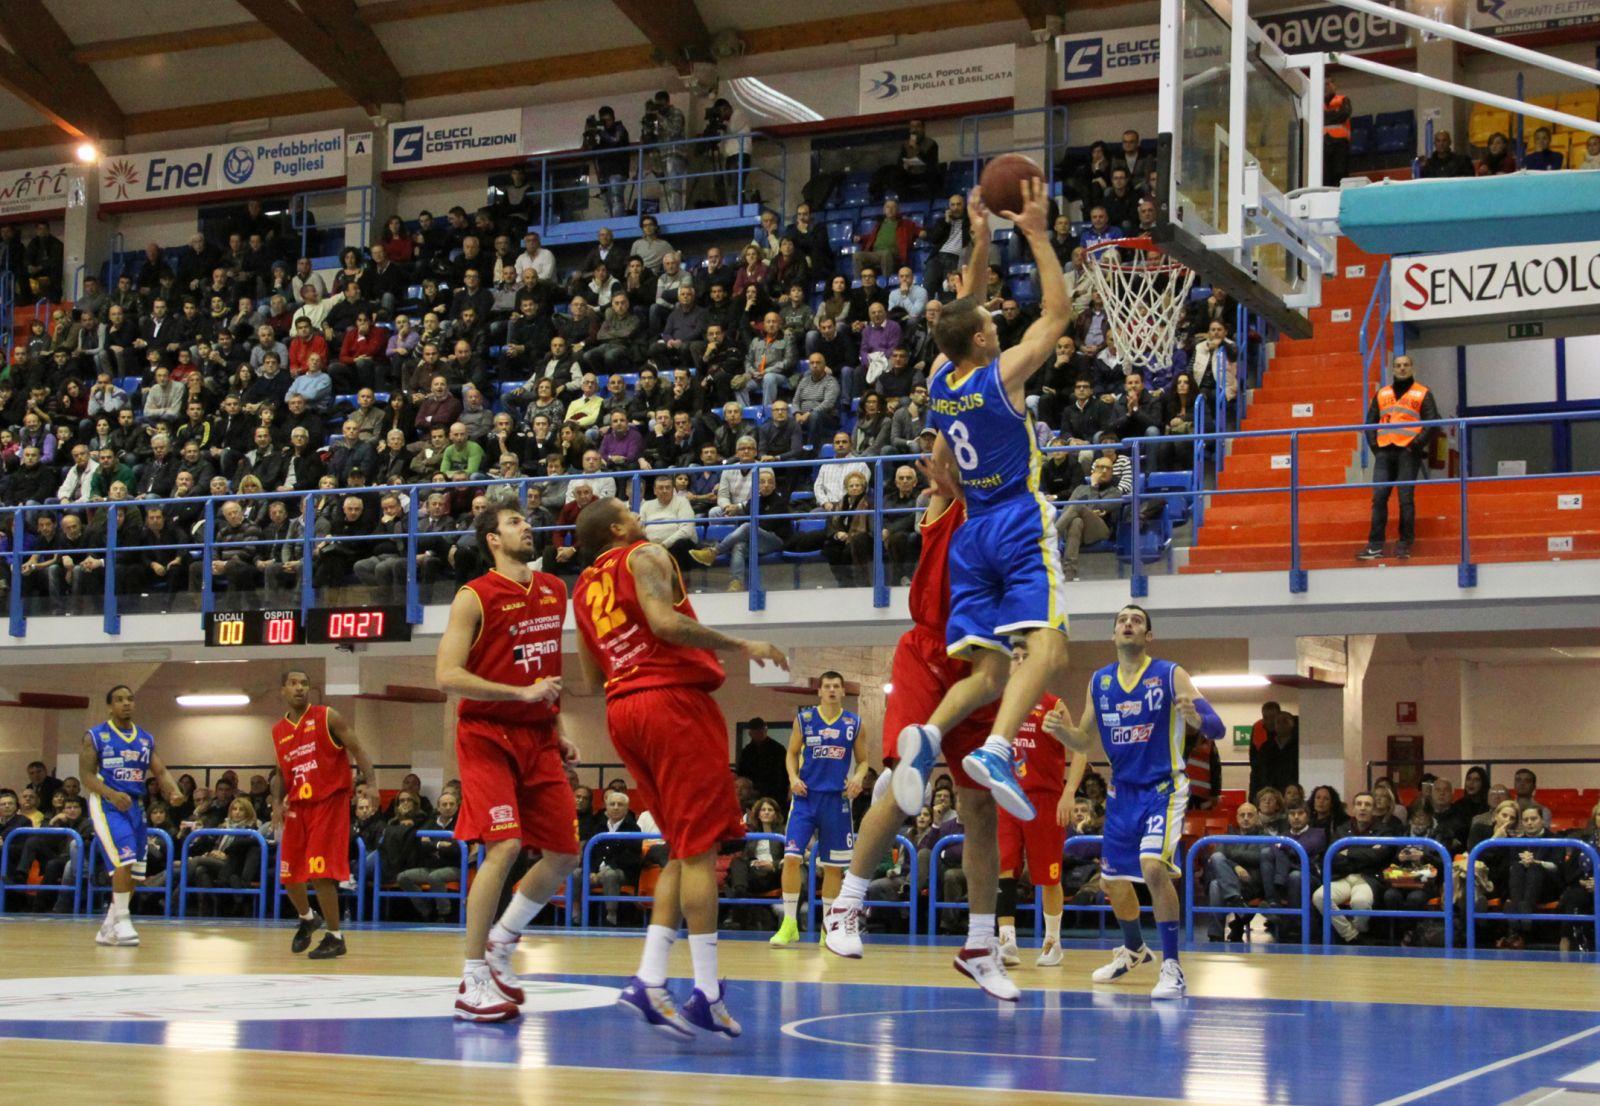 Nuova pallacanestro marsala in trasferta a palermo - Immagini stampabili di pallacanestro ...